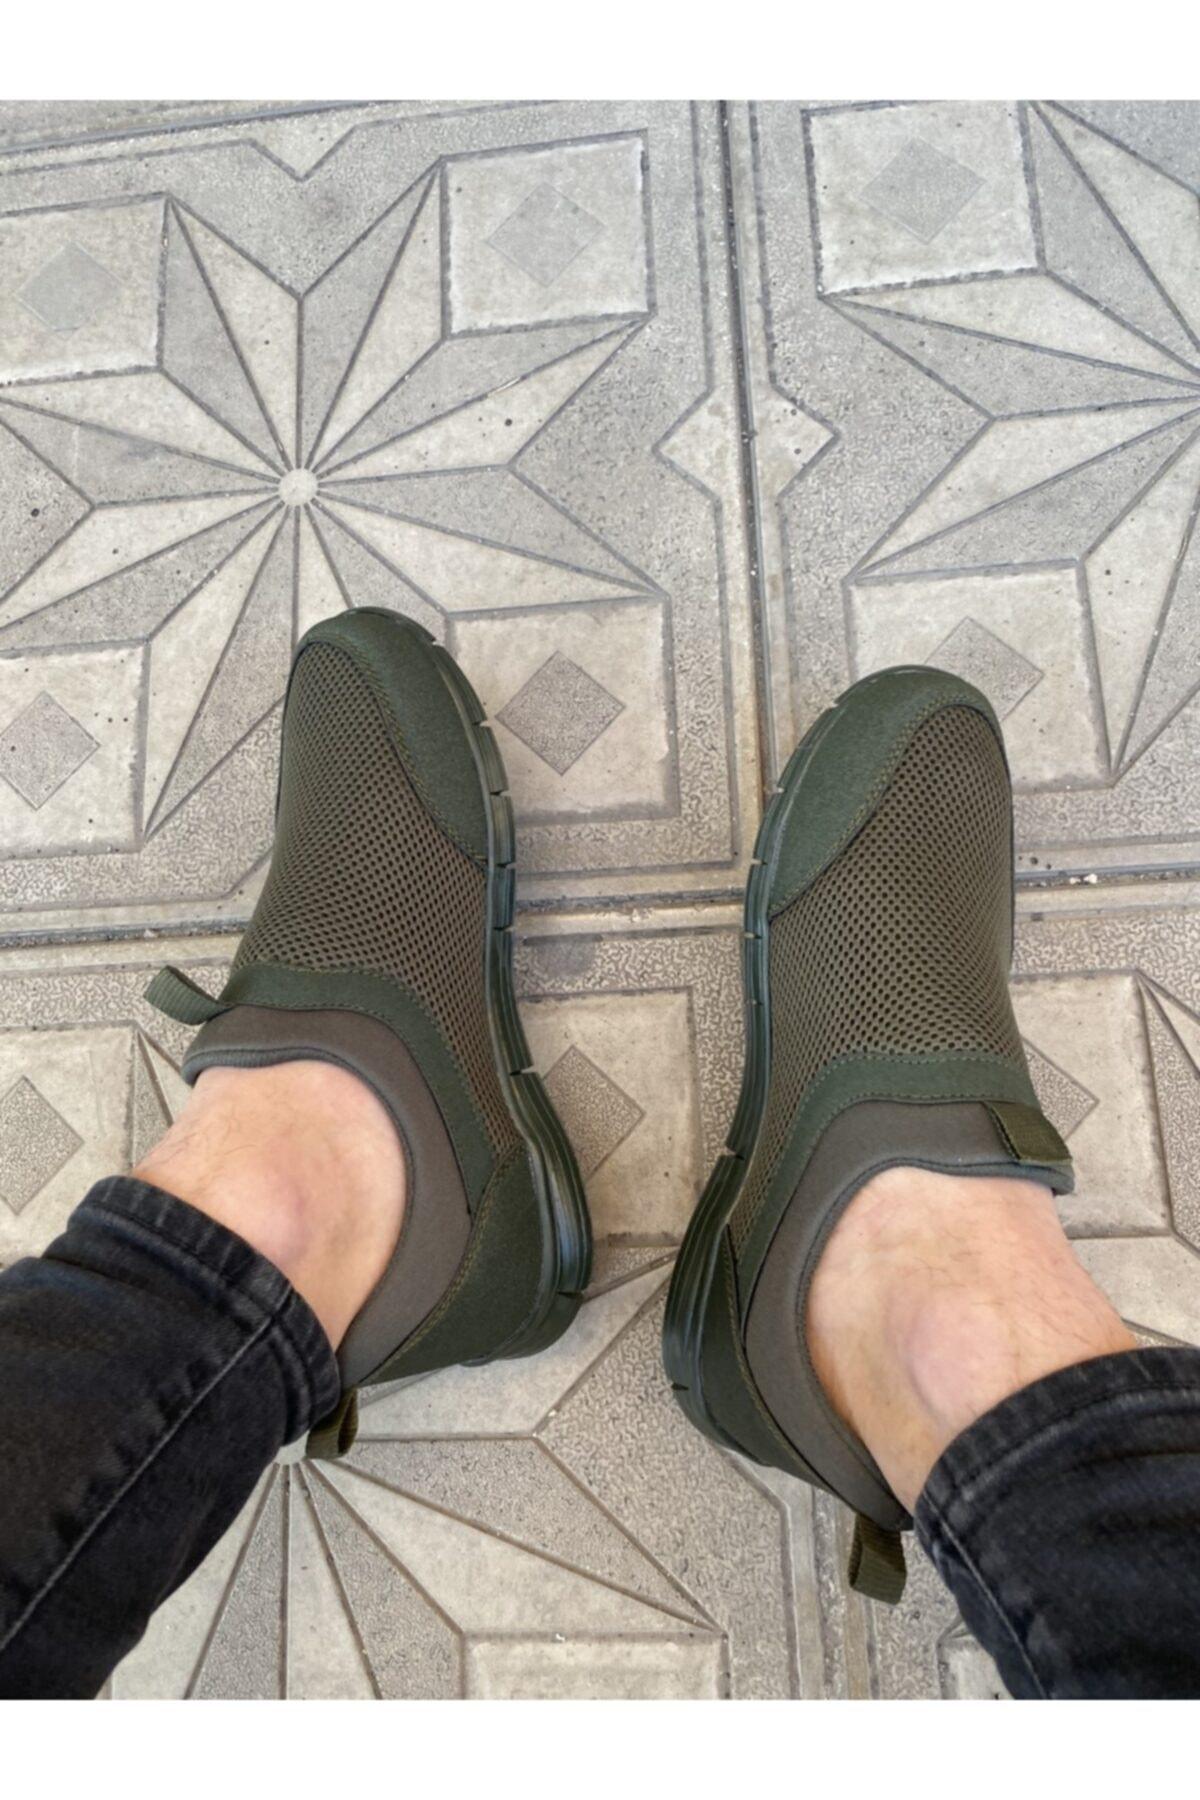 haykmar Yeşil Erkek Ipsiz Spor Yürüş Ayakkabısı 2